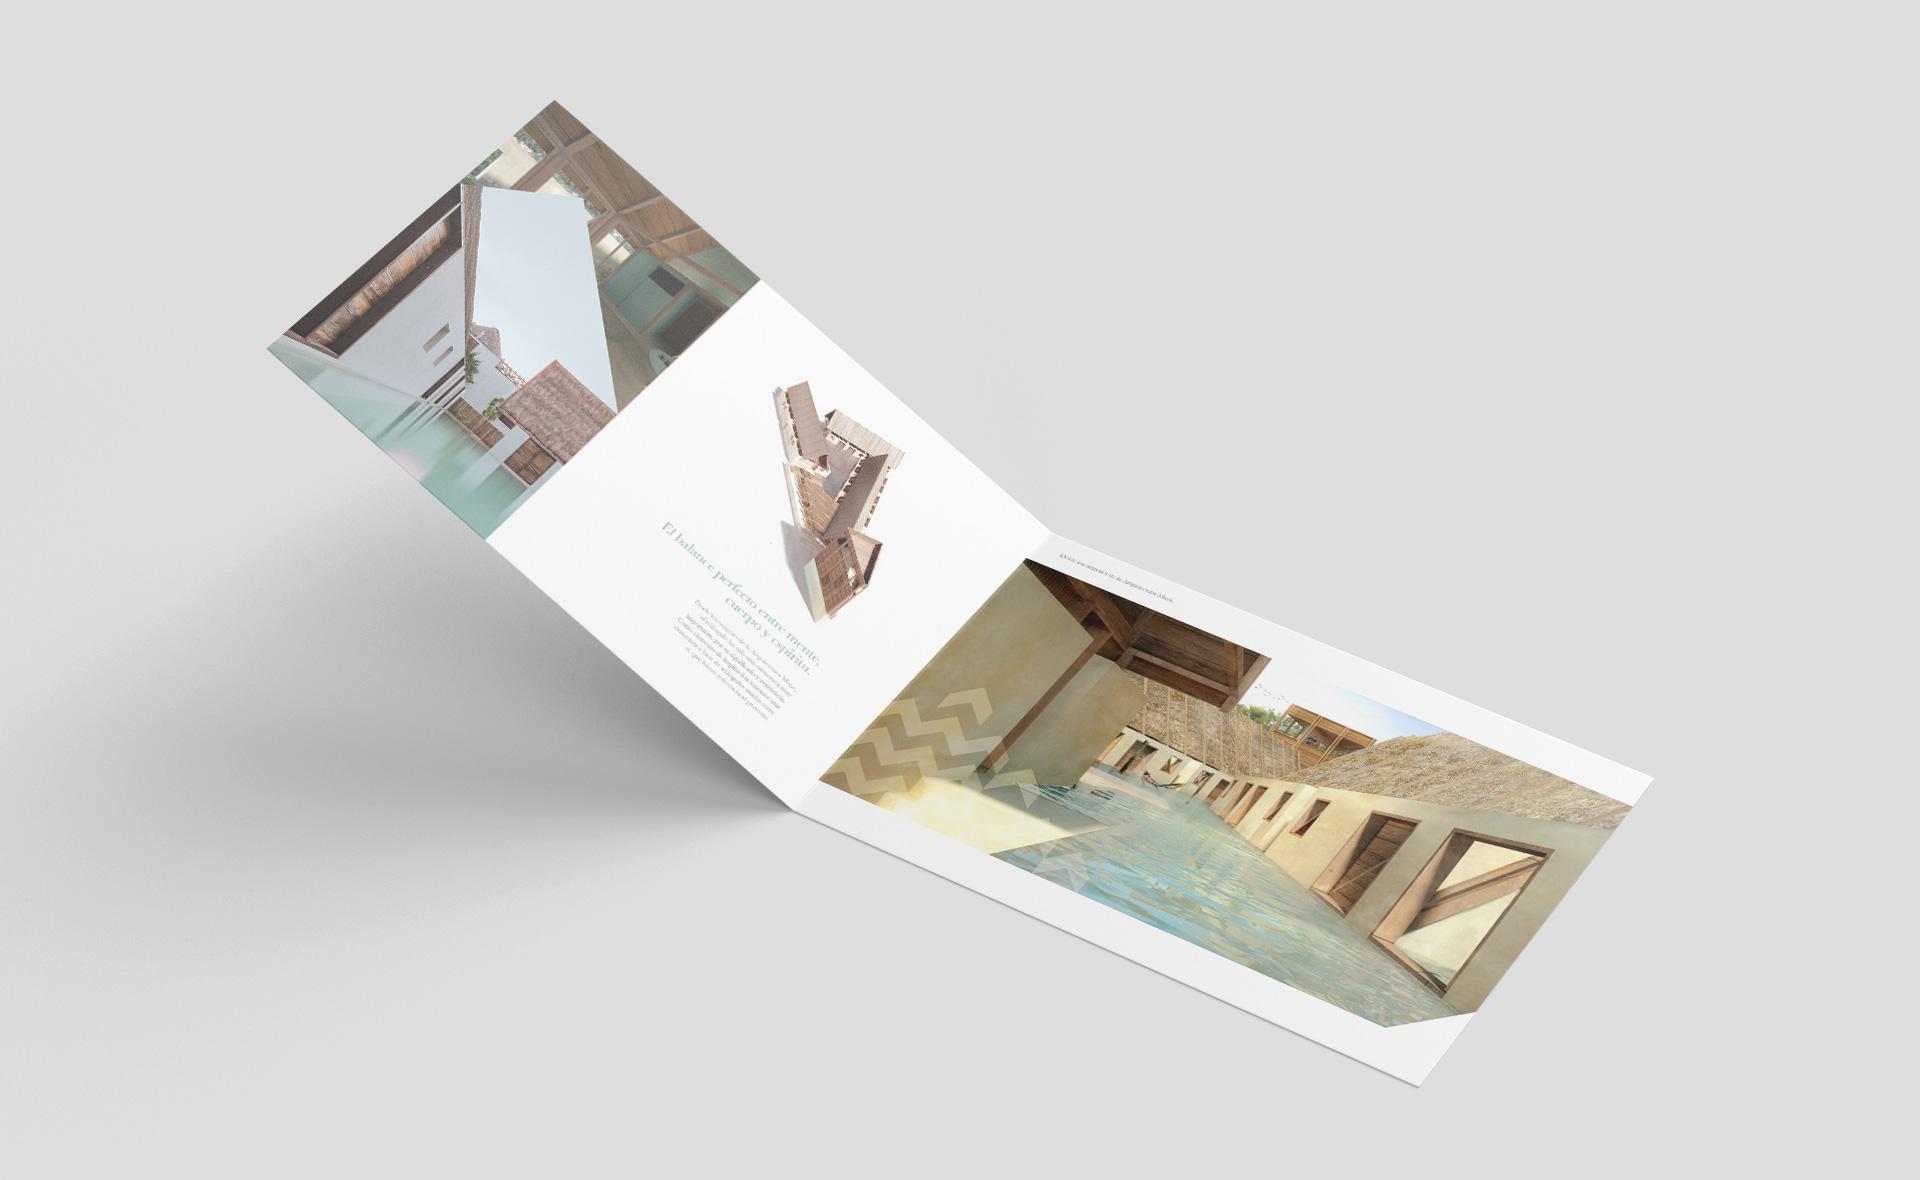 05_pc_impreso_carpeta_brochure_identidad_corporativa_marca_logo_guadalajara_buro3_publicidad